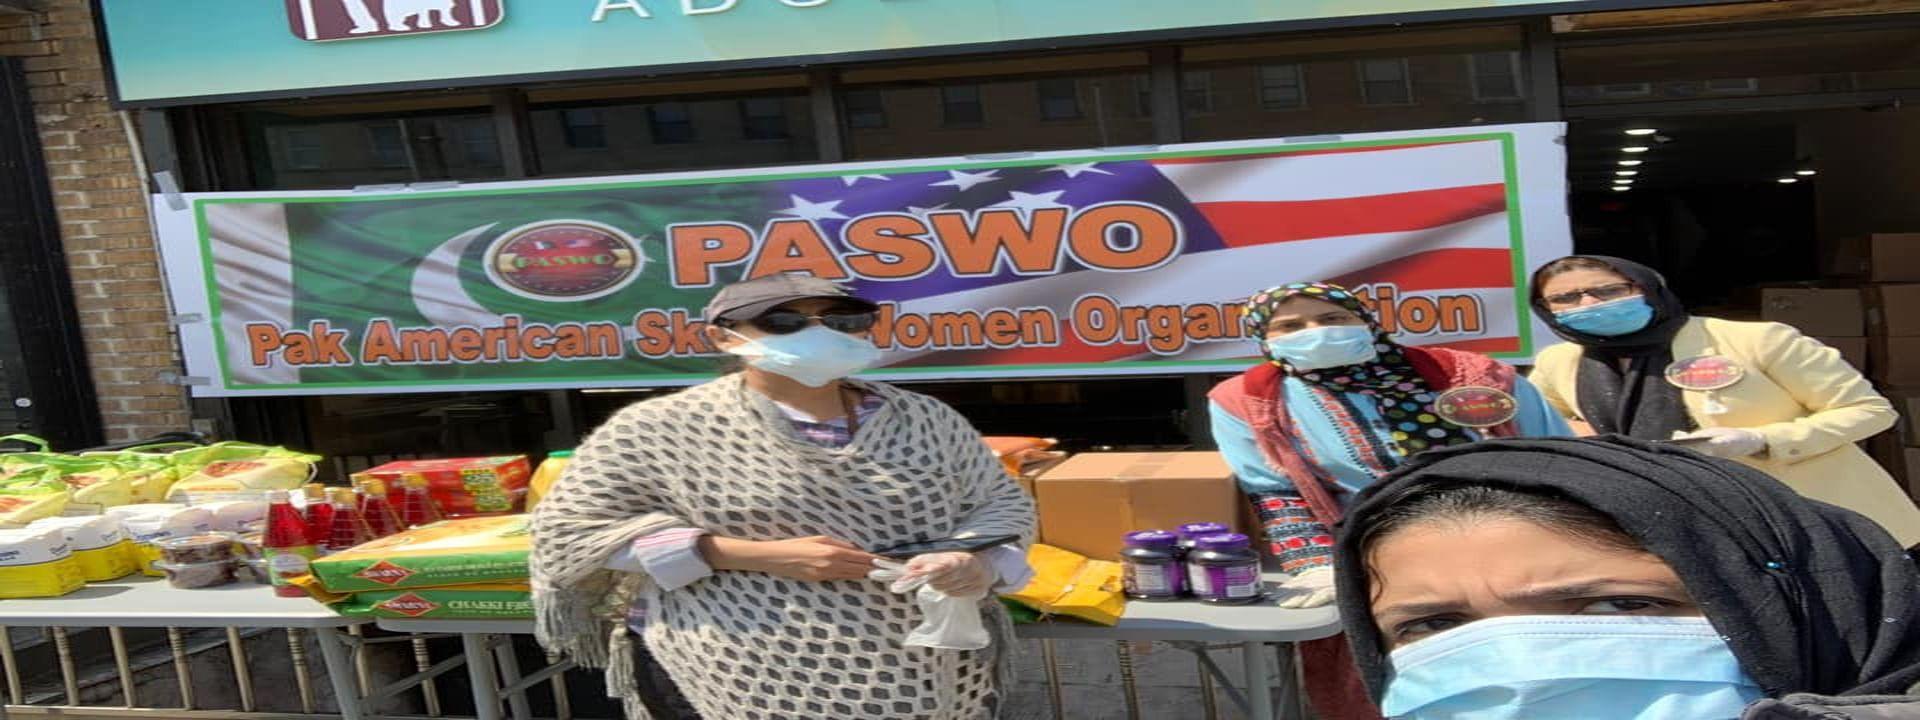 Paswo-food-distribution (13) banner